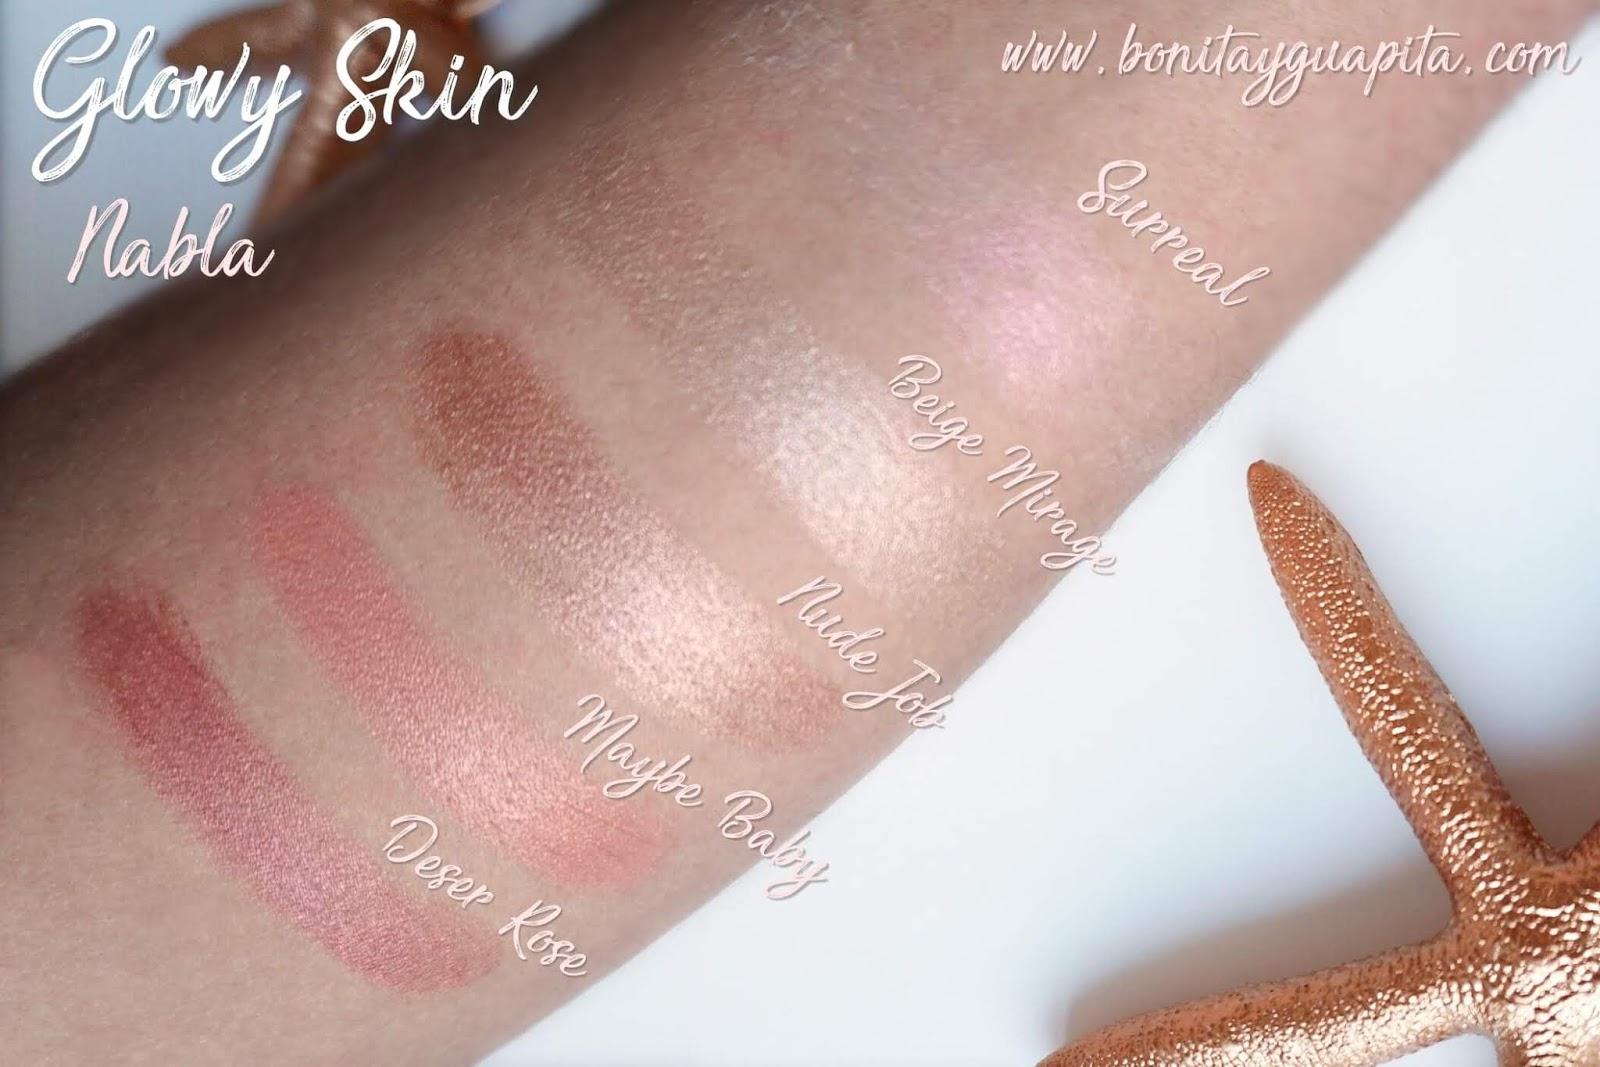 nabla glowy skin stick